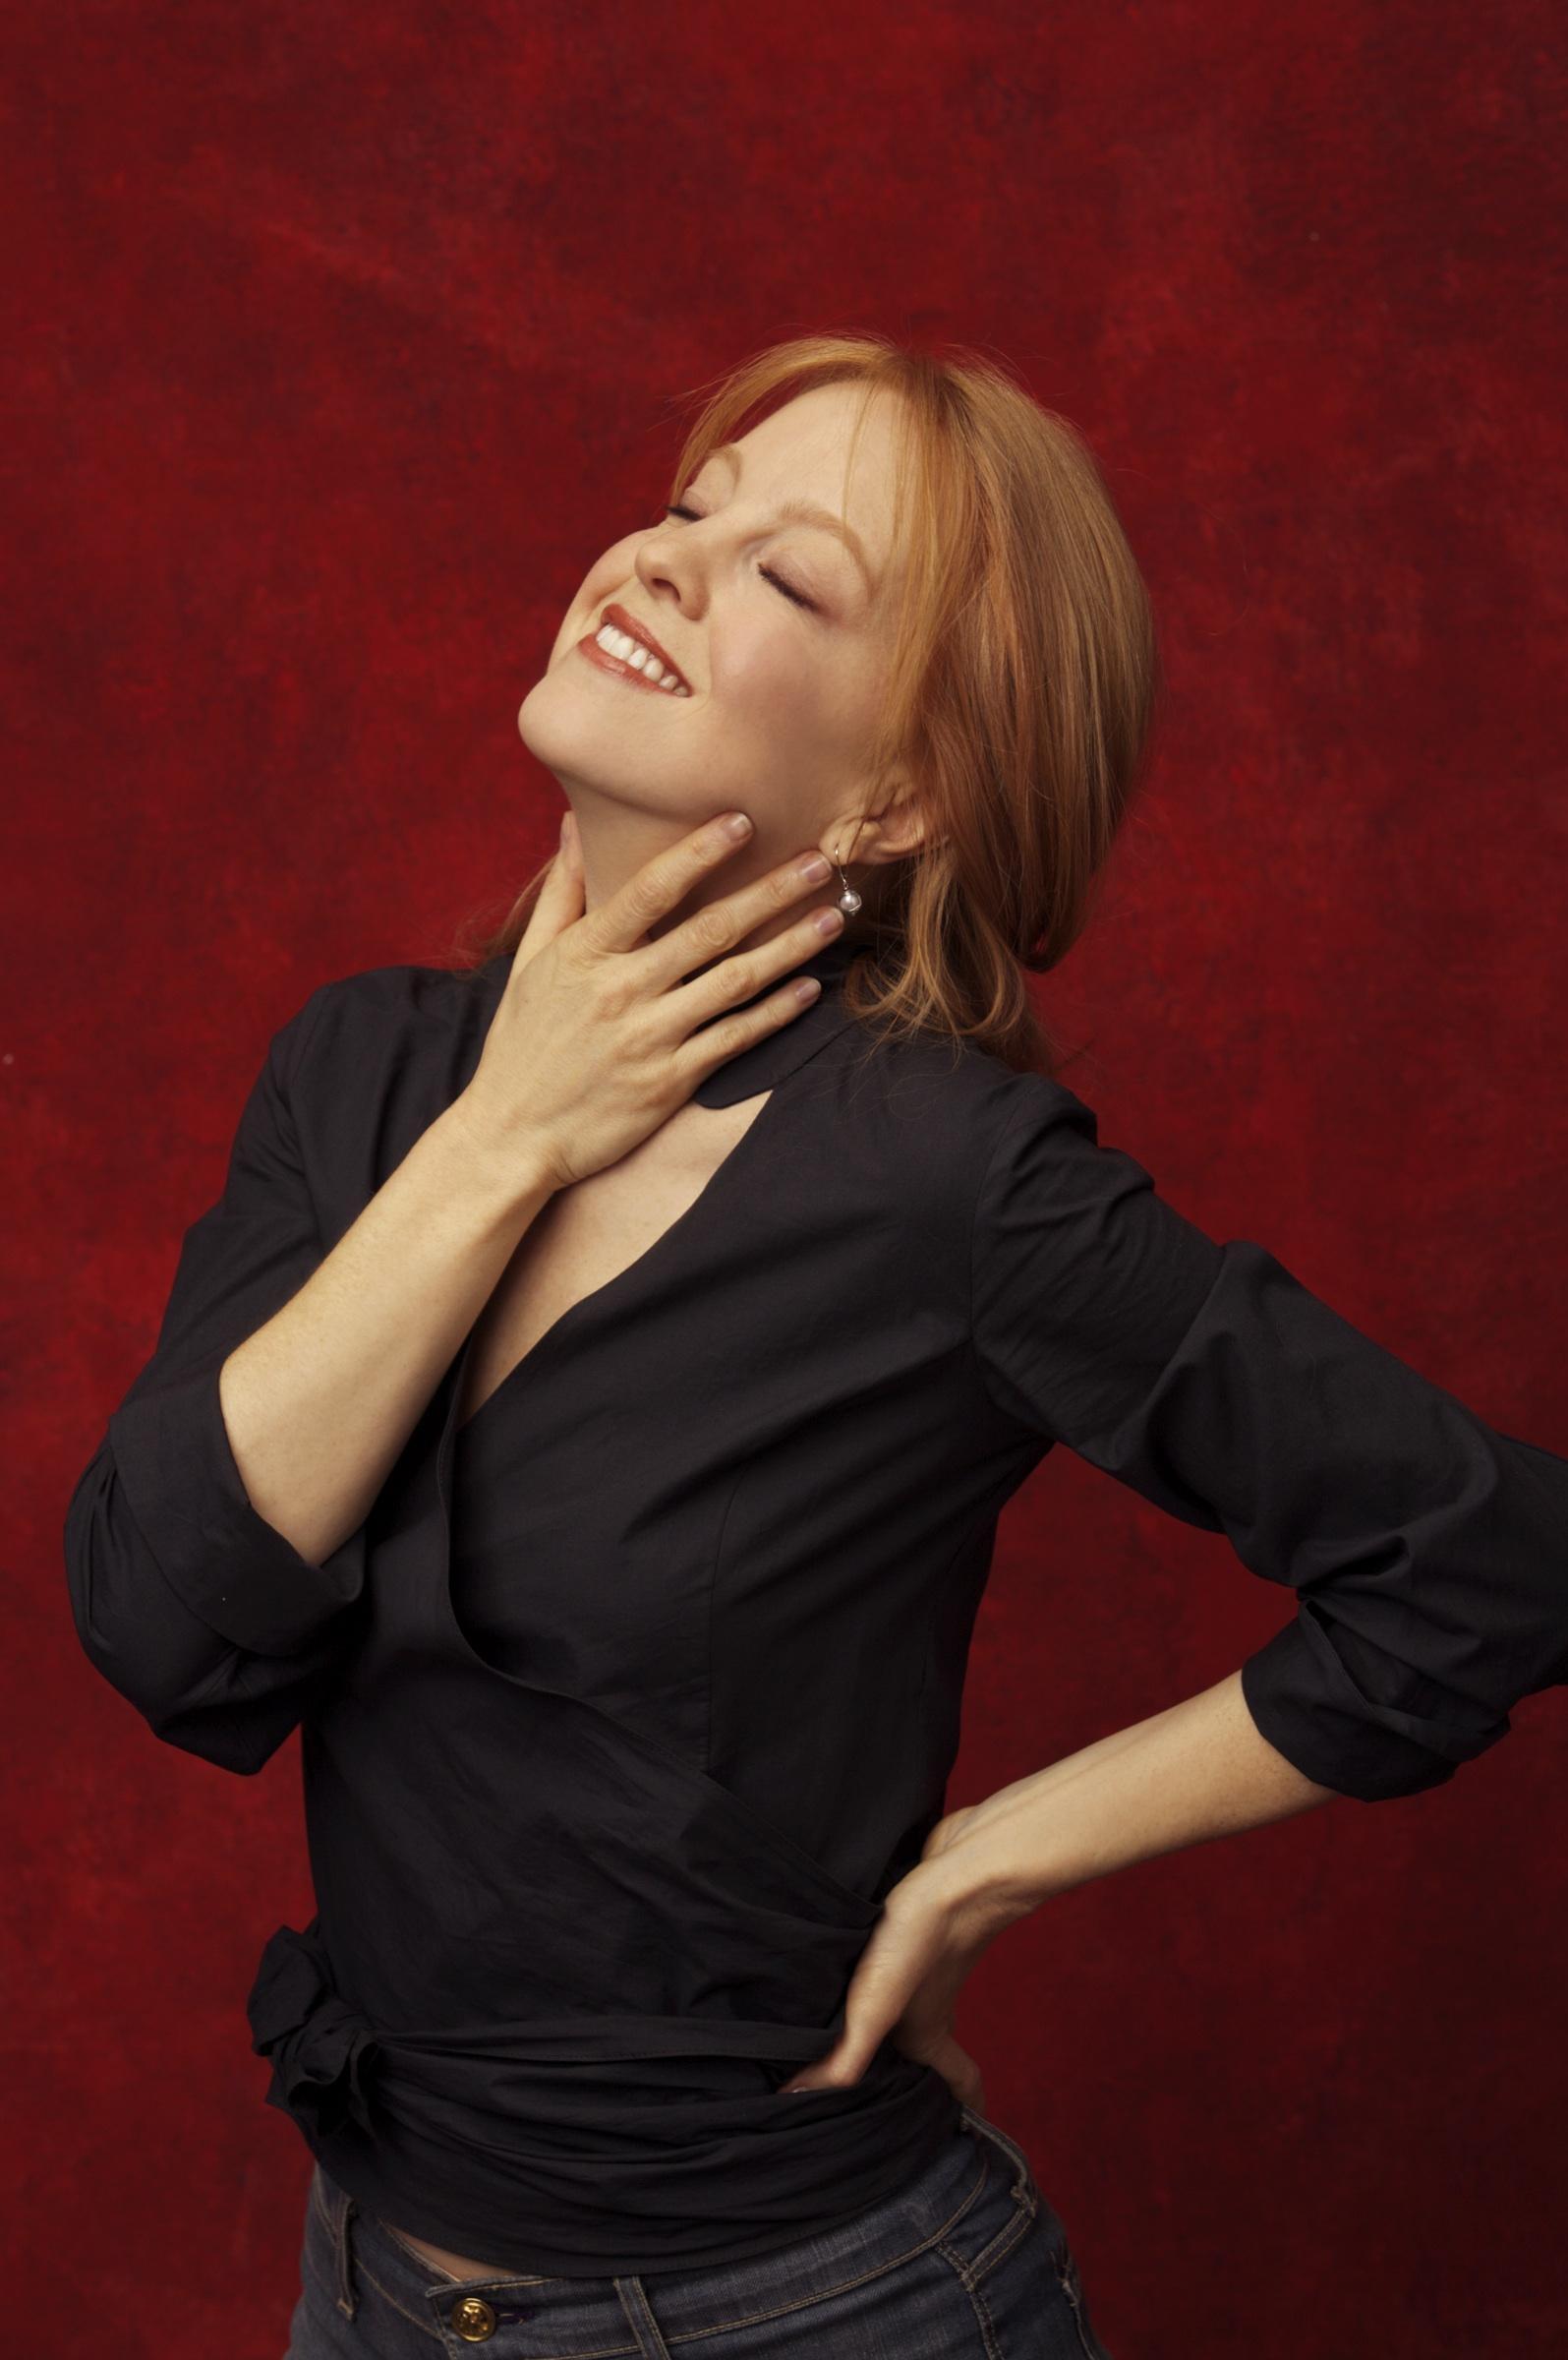 Maria schneider in last tango in paris - 3 4